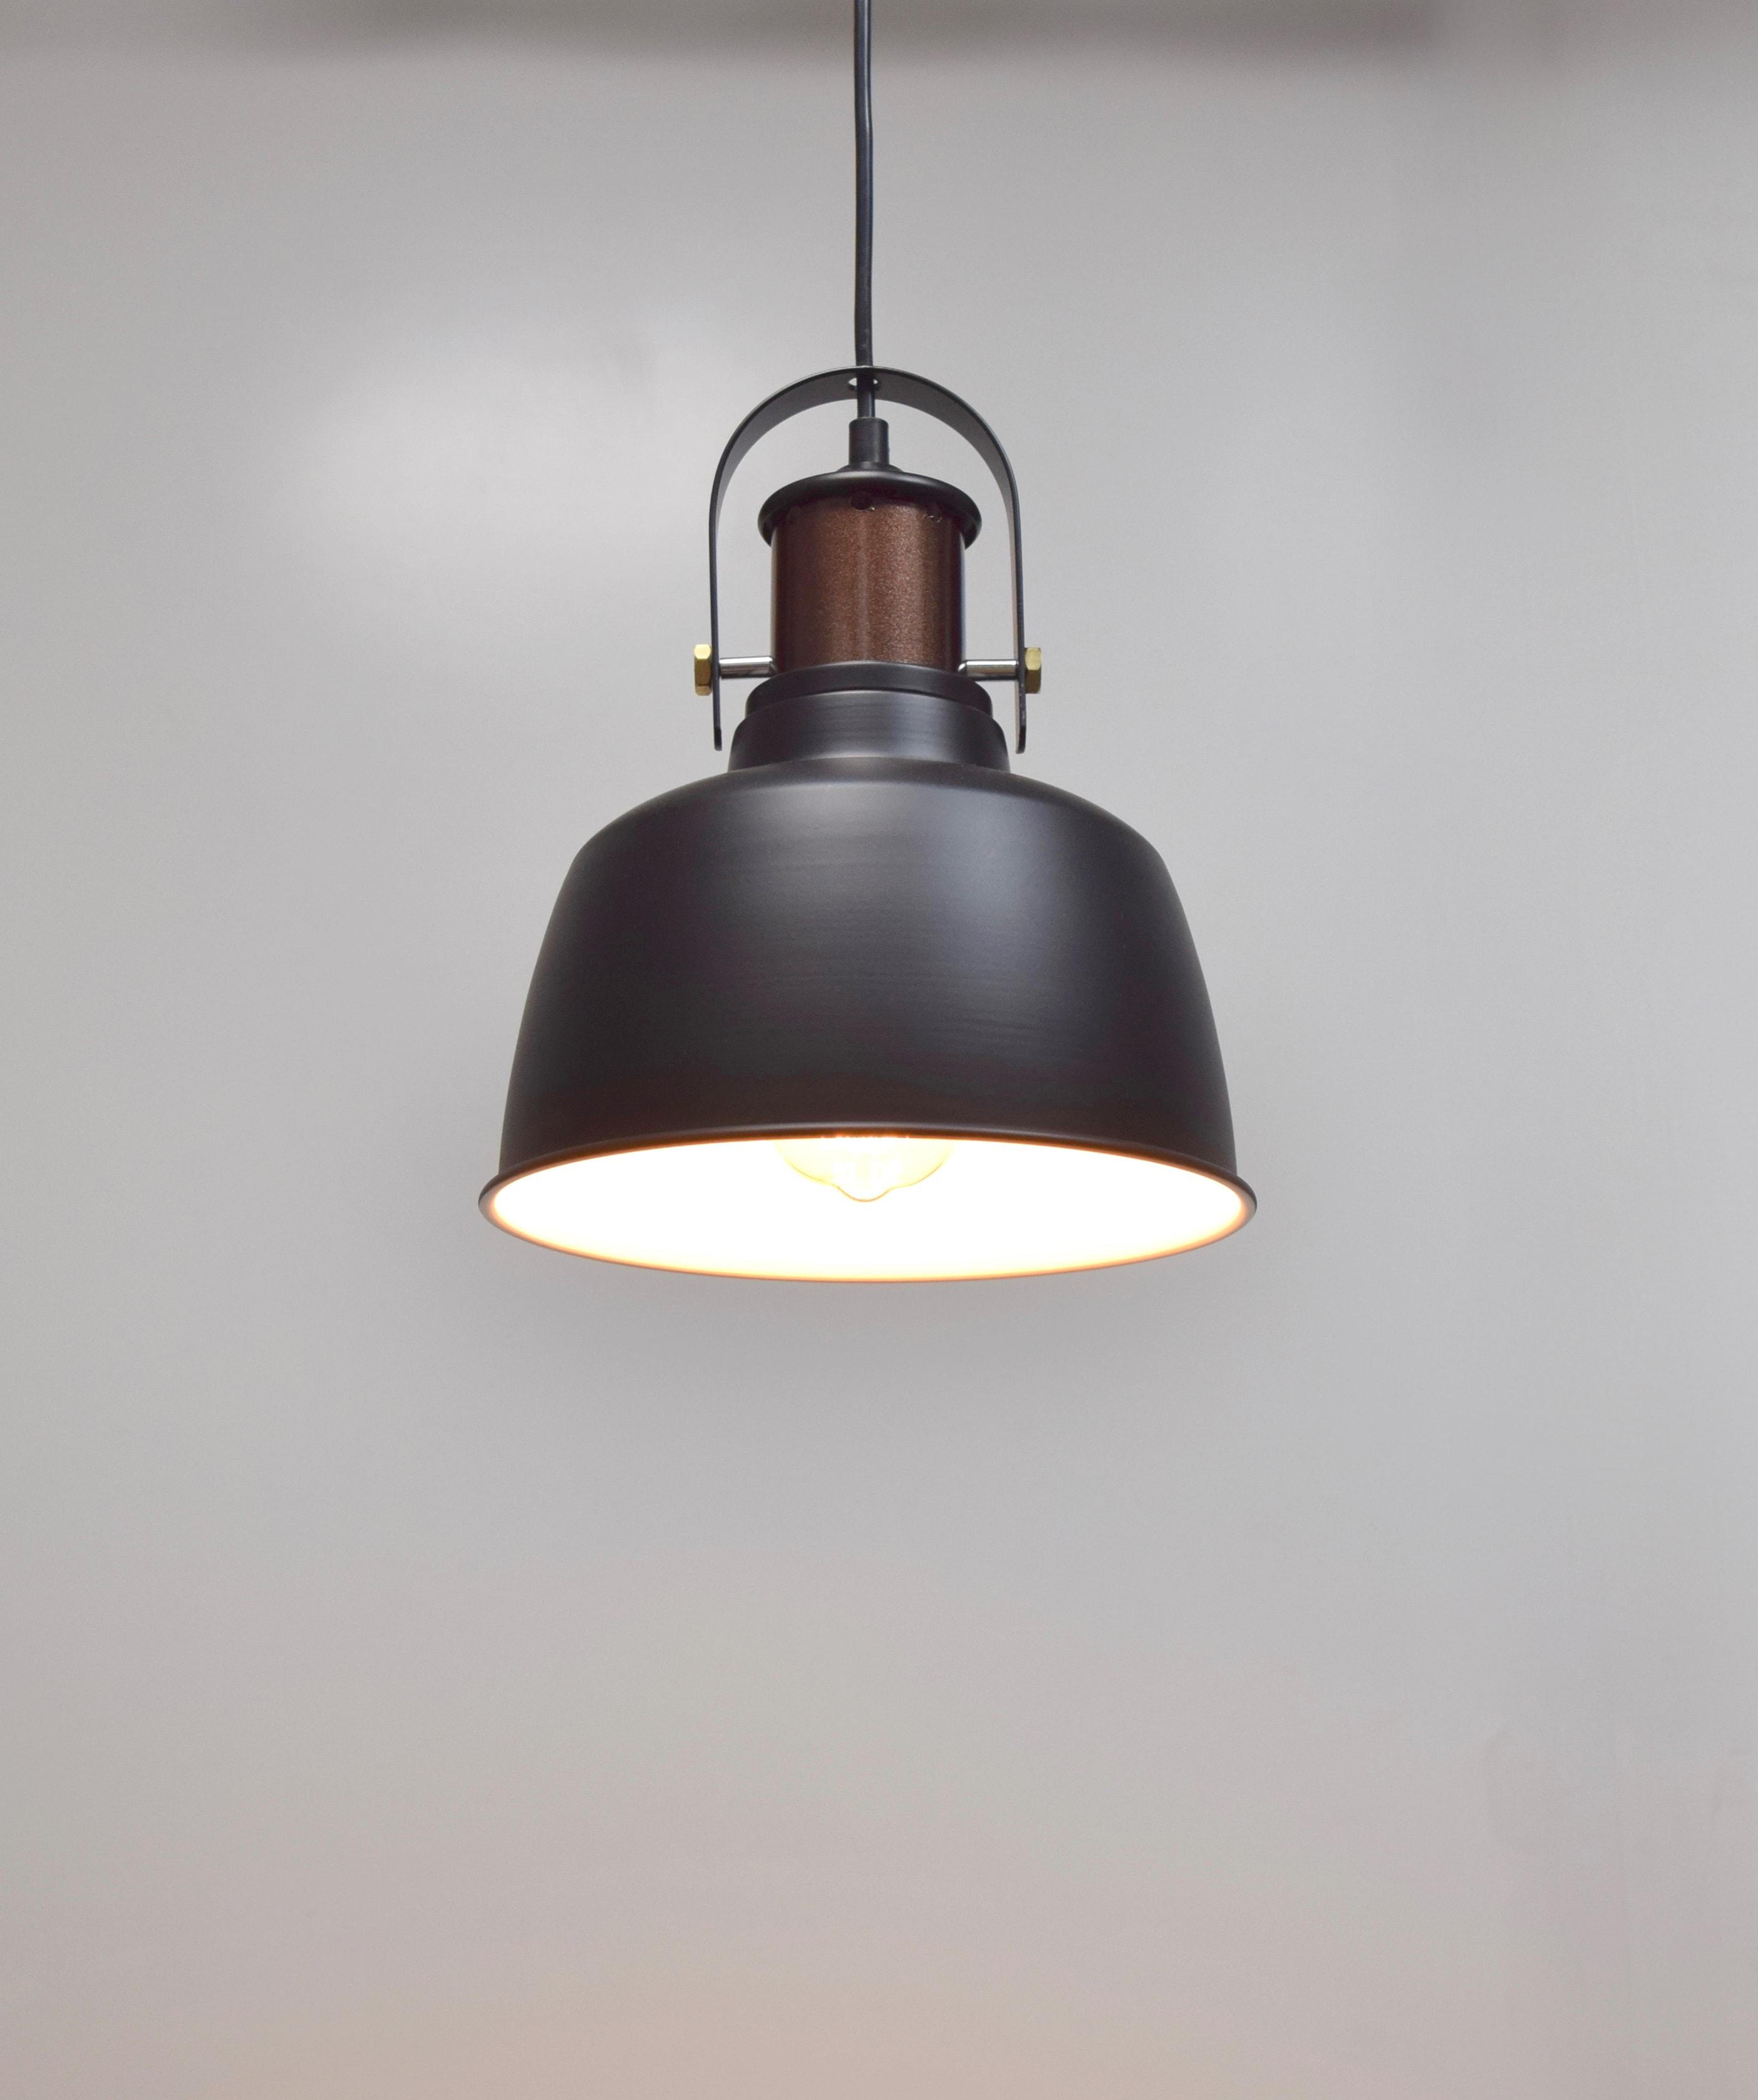 英倫復古吊燈-BNL00124 1